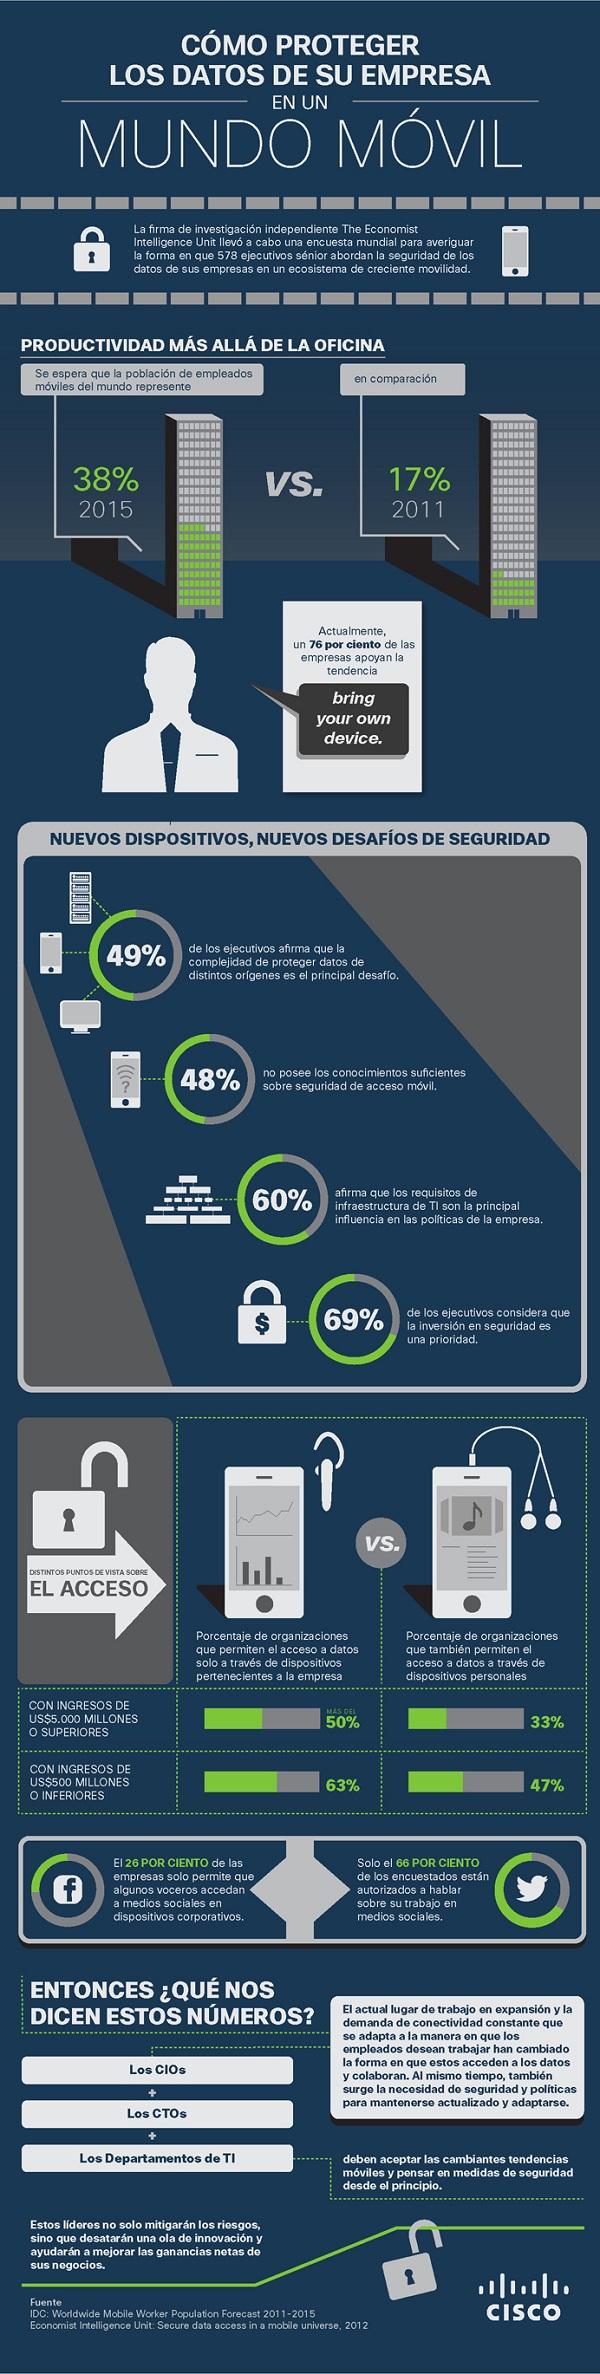 Cómo proteger los datos de su empresa en un mundo móvil